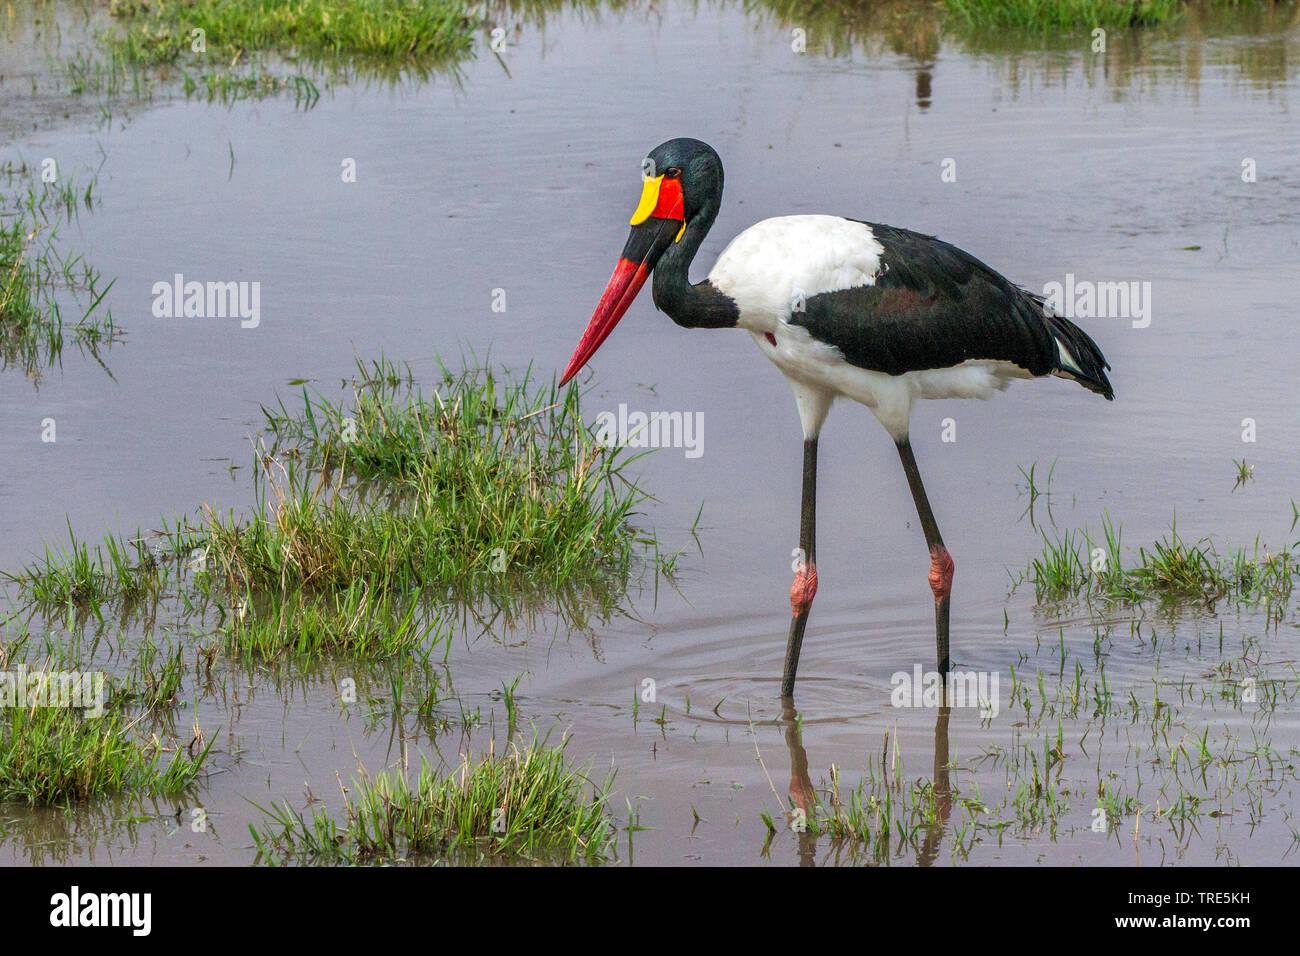 Sattel-rechnung Stork (Ephippiorhynchus senegalensis), der Nahrungssuche im flachen Wasser, Seitenansicht, Kenia, Masai Mara National Park Stockfoto